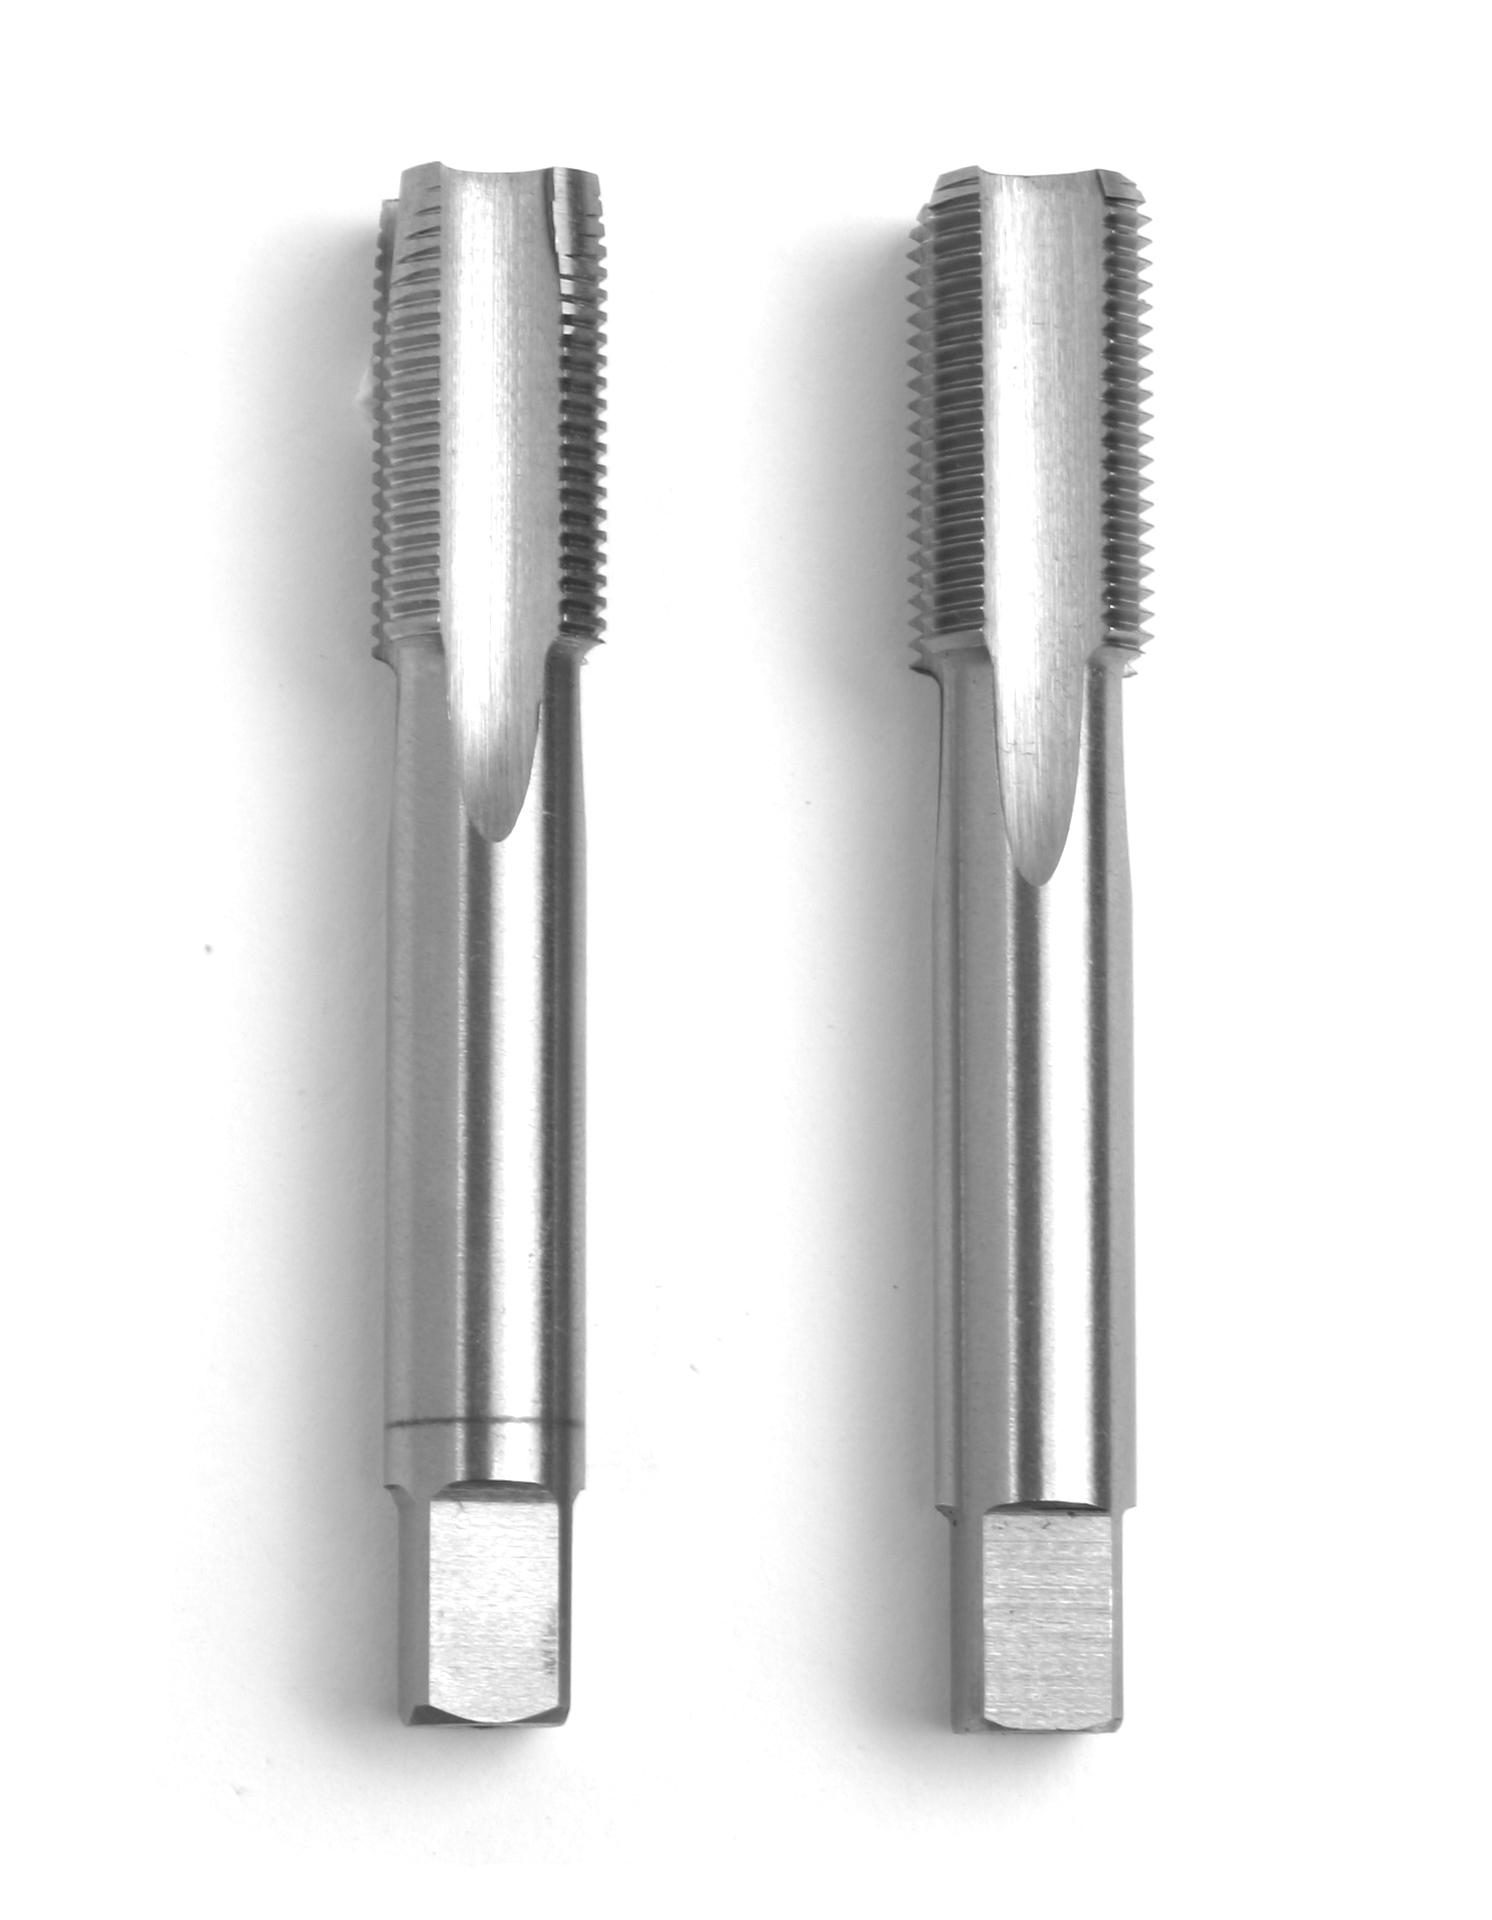 Ručni ureznik, DIN 2181, HSSE-G, MF12×1